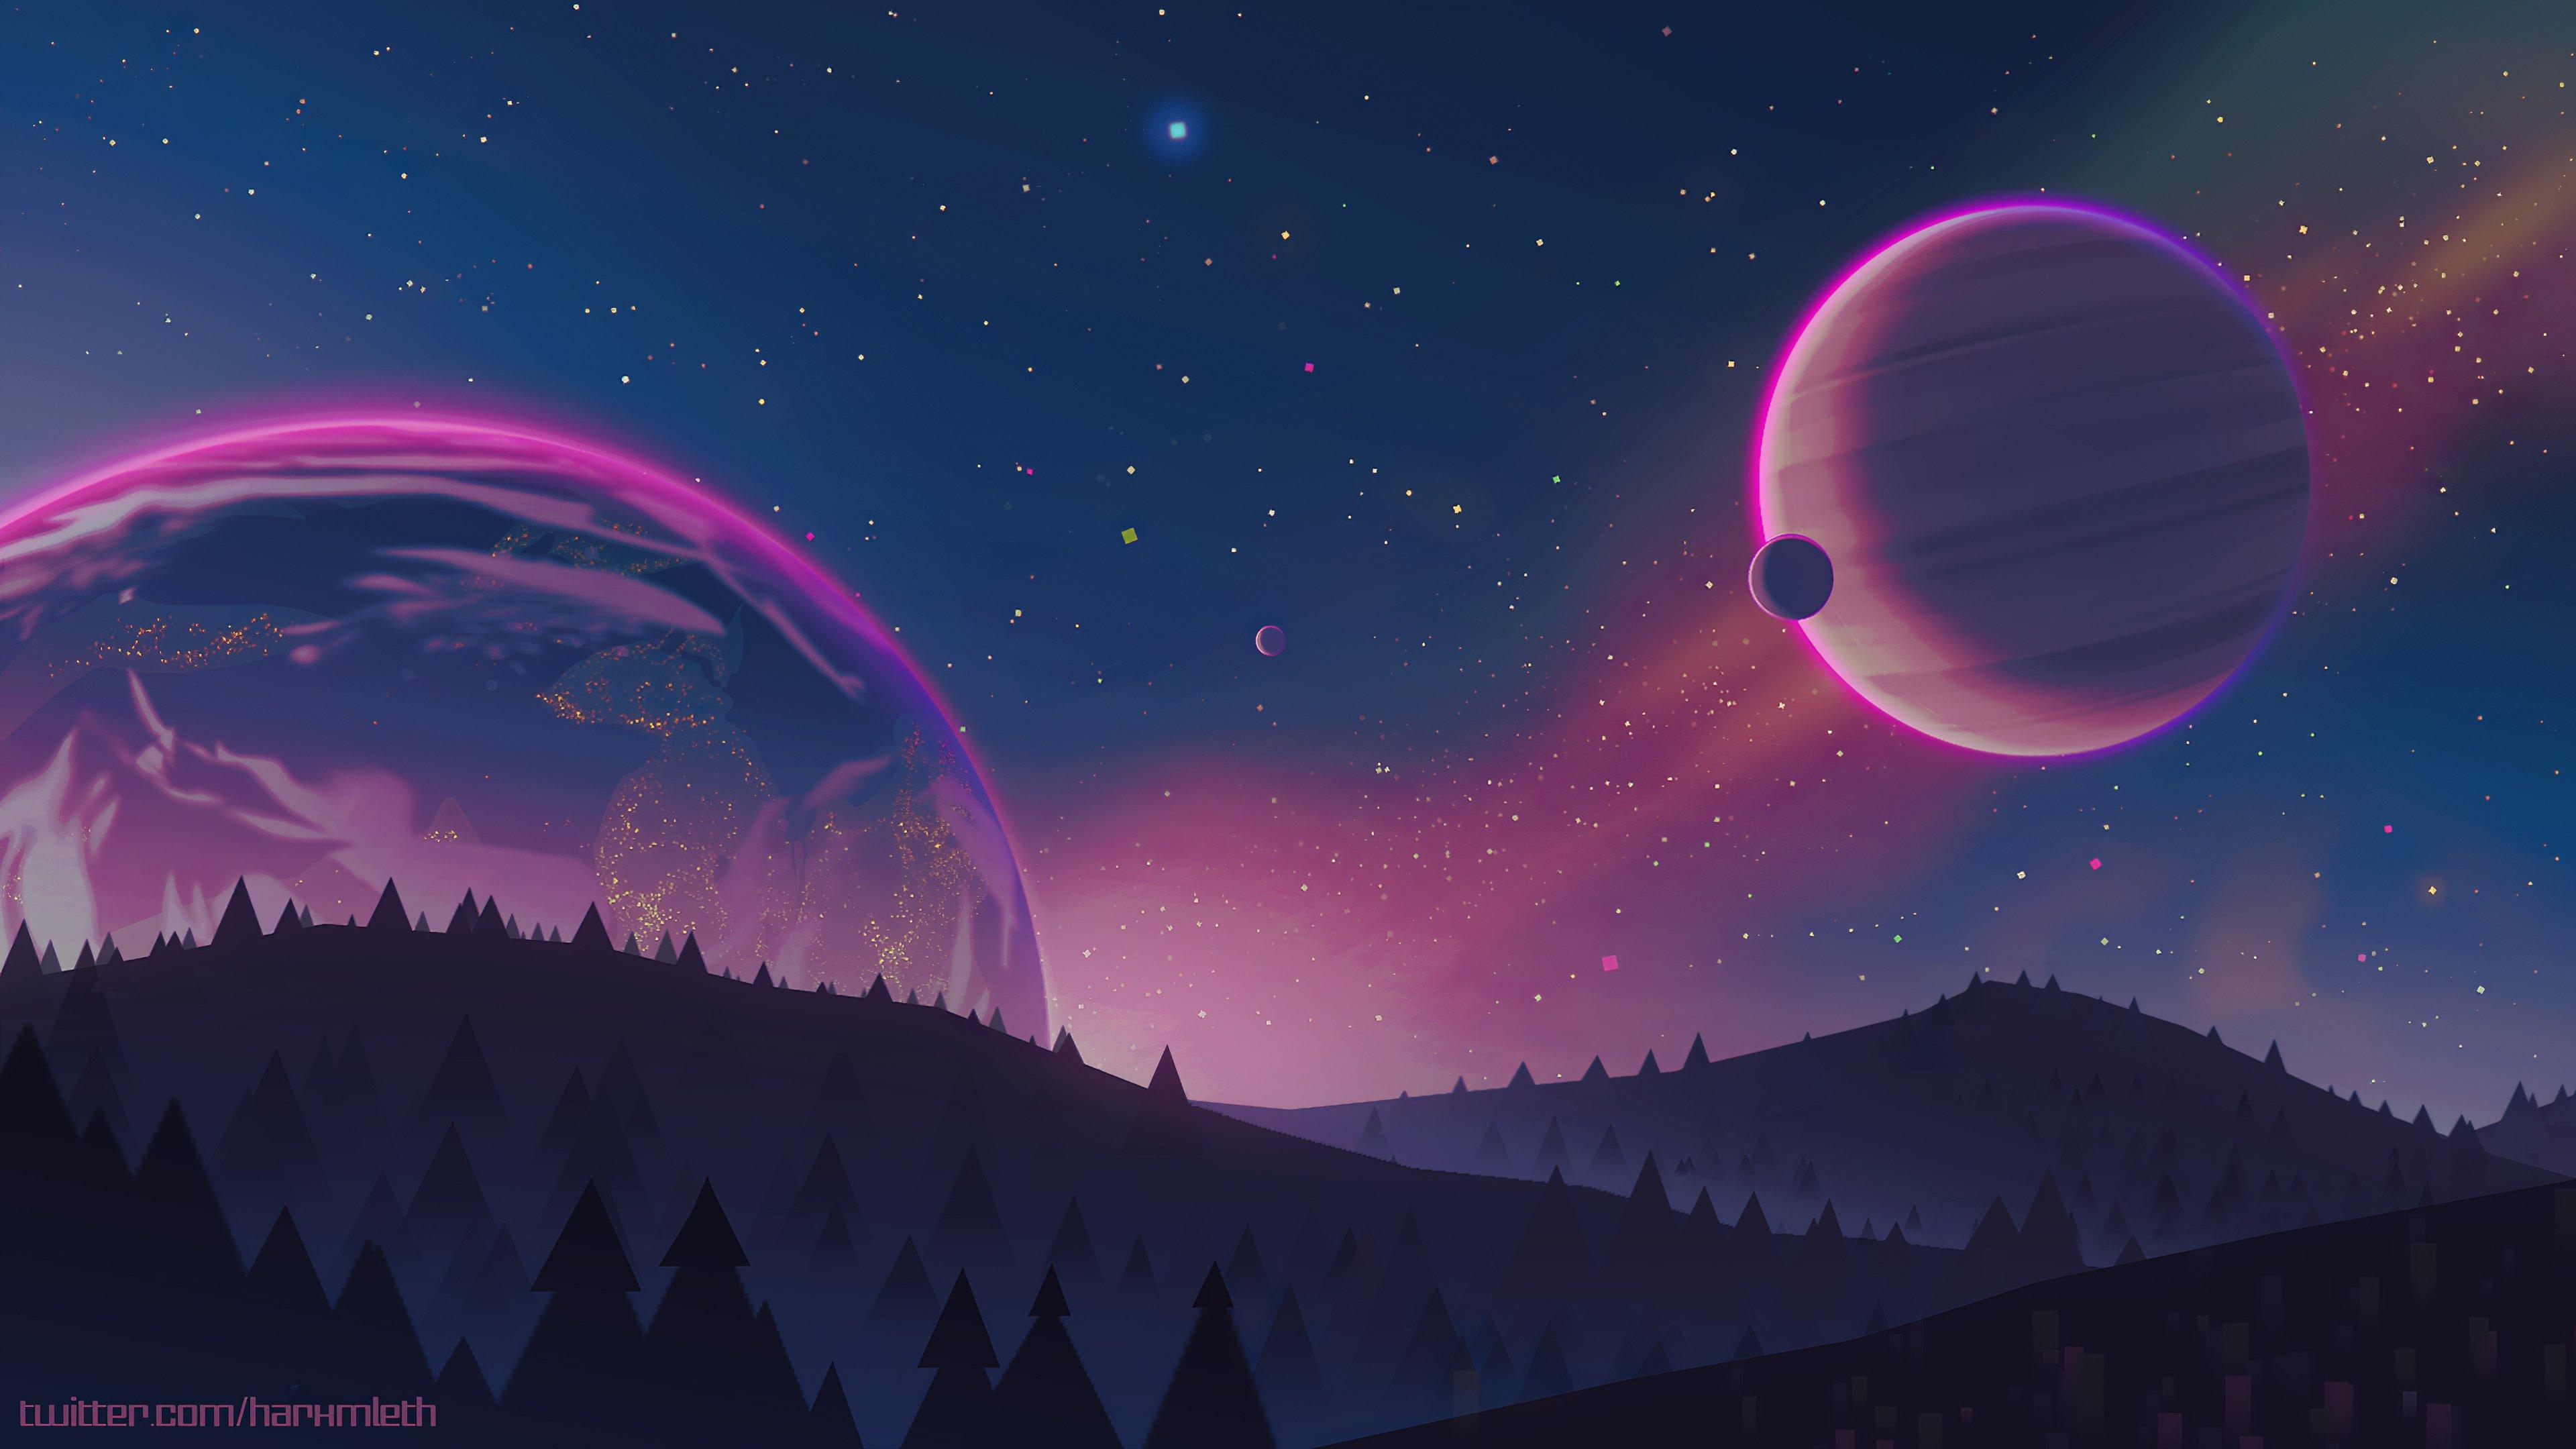 Wallpaper Design of space landscape